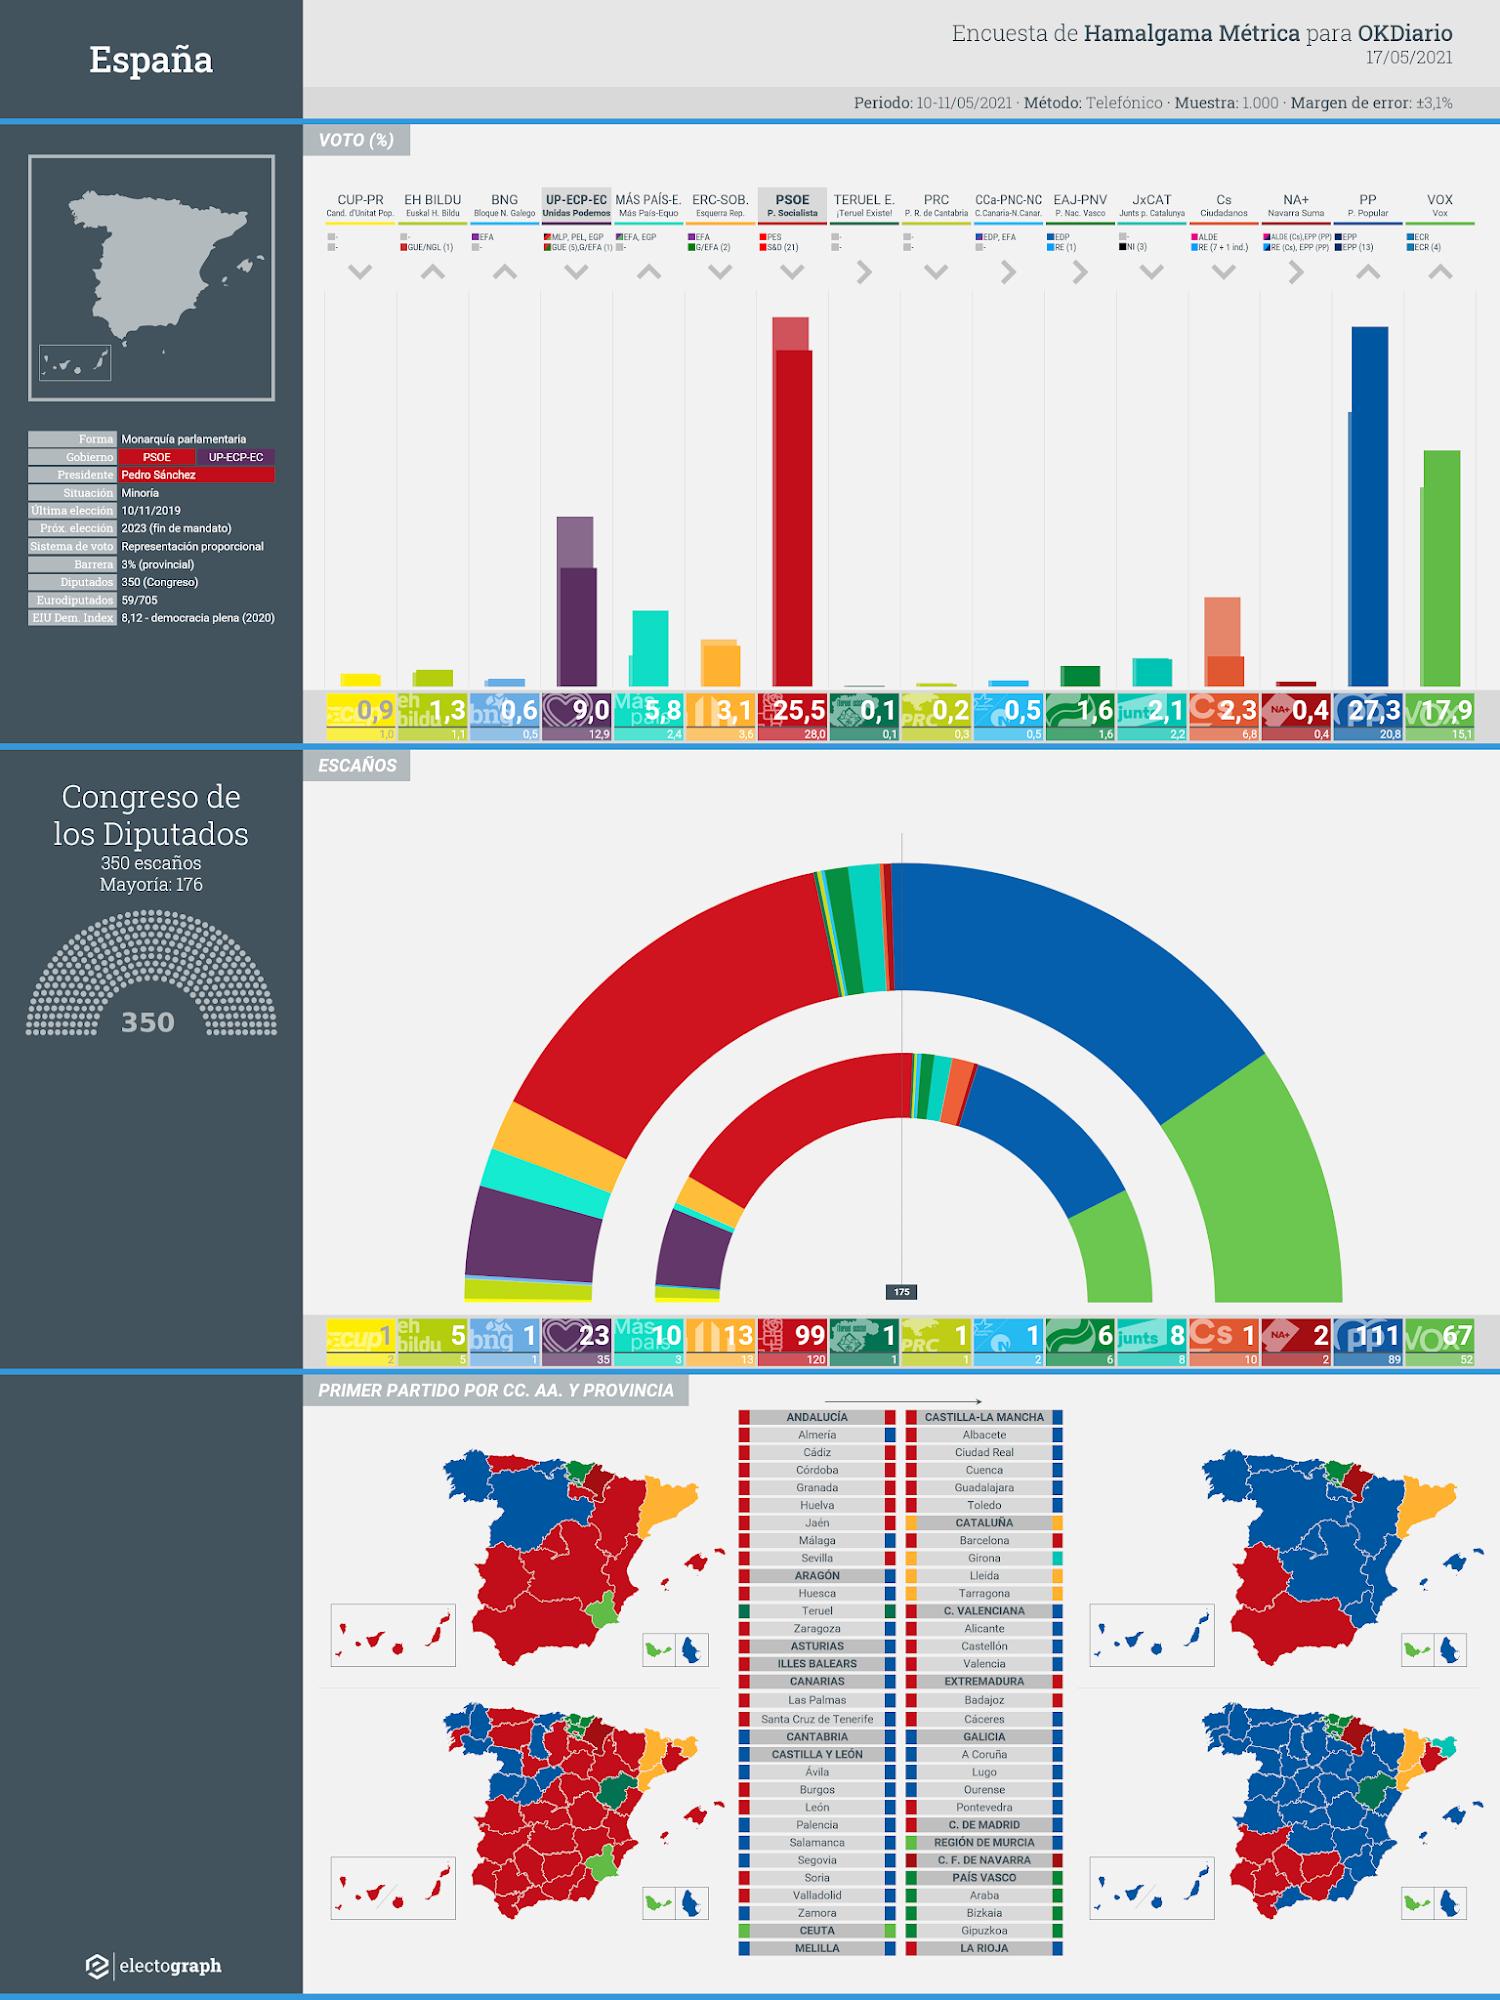 Gráfico de la encuesta para elecciones generales en España realizada por Hamalgama Métrica para OKDiario, 17 de mayo de 2021